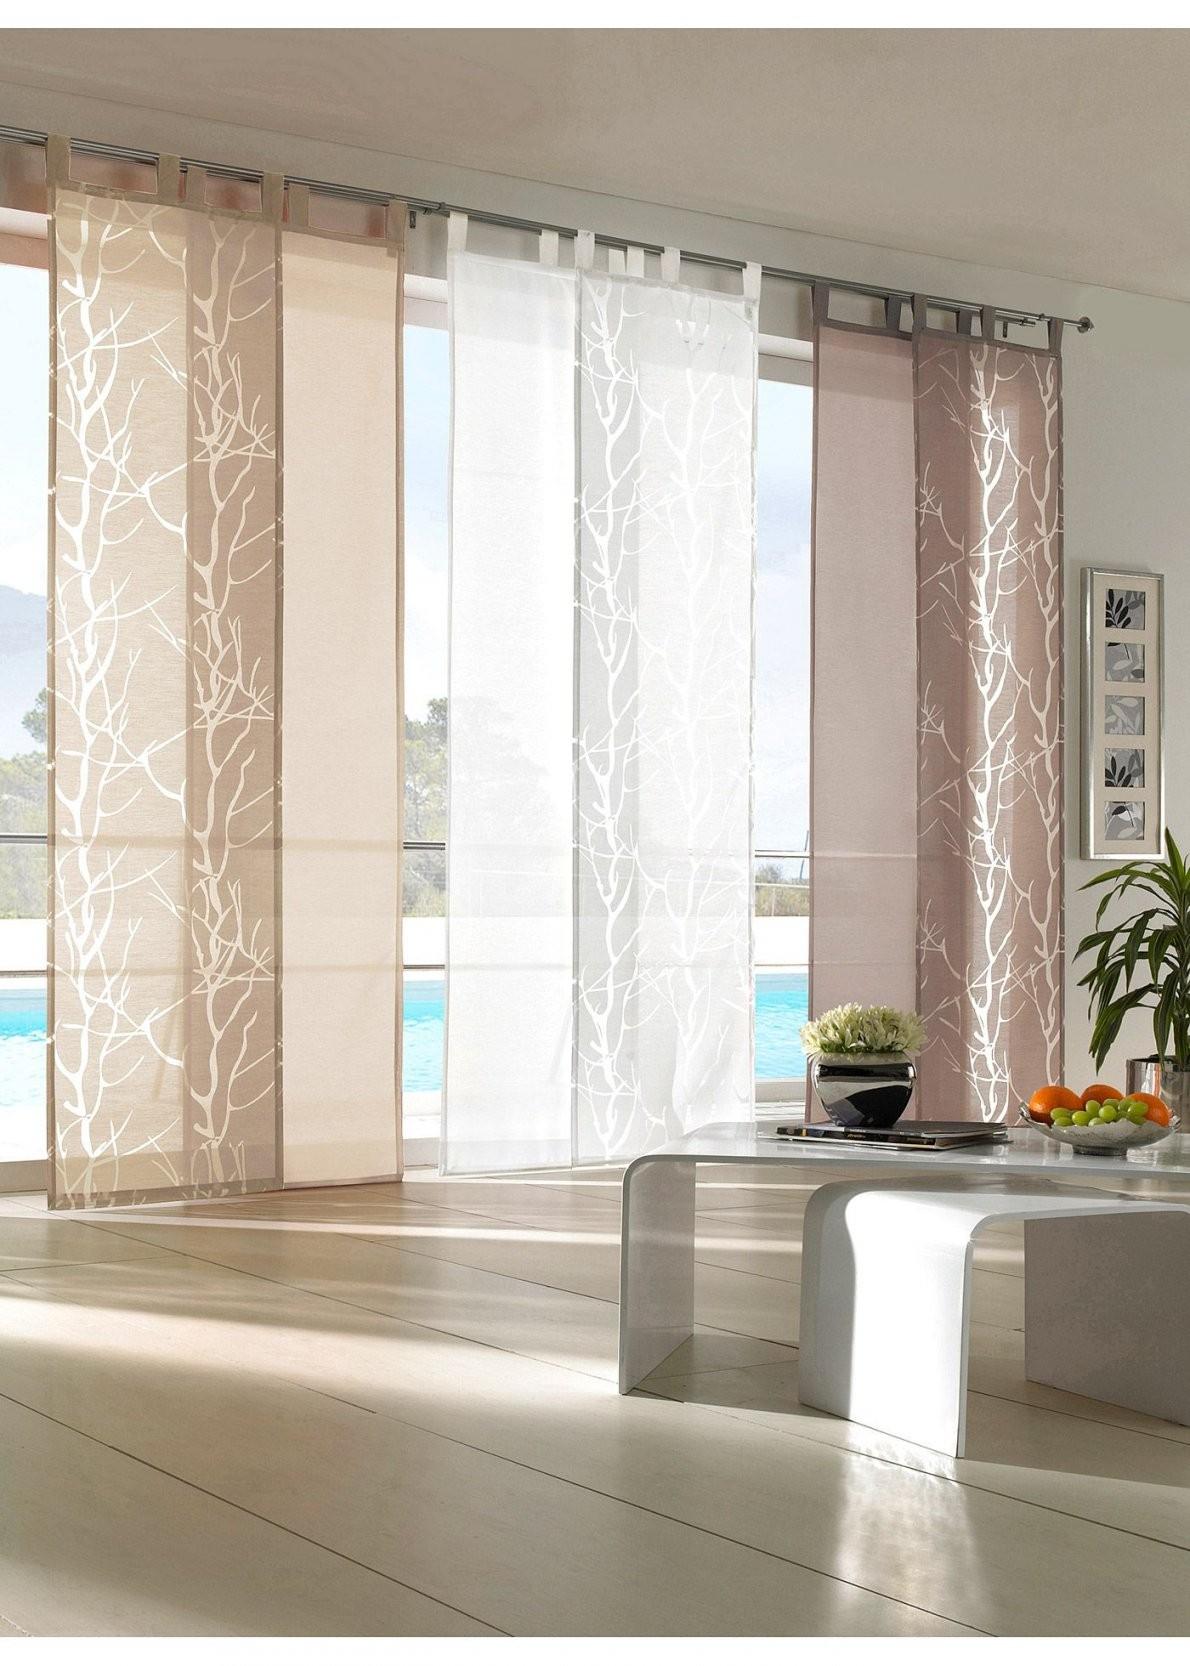 49 Nützlich Halbtransparente Gardinen Vorhänge  Esszimmer Stühle von Halbtransparente Gardinen Vorhänge Bild